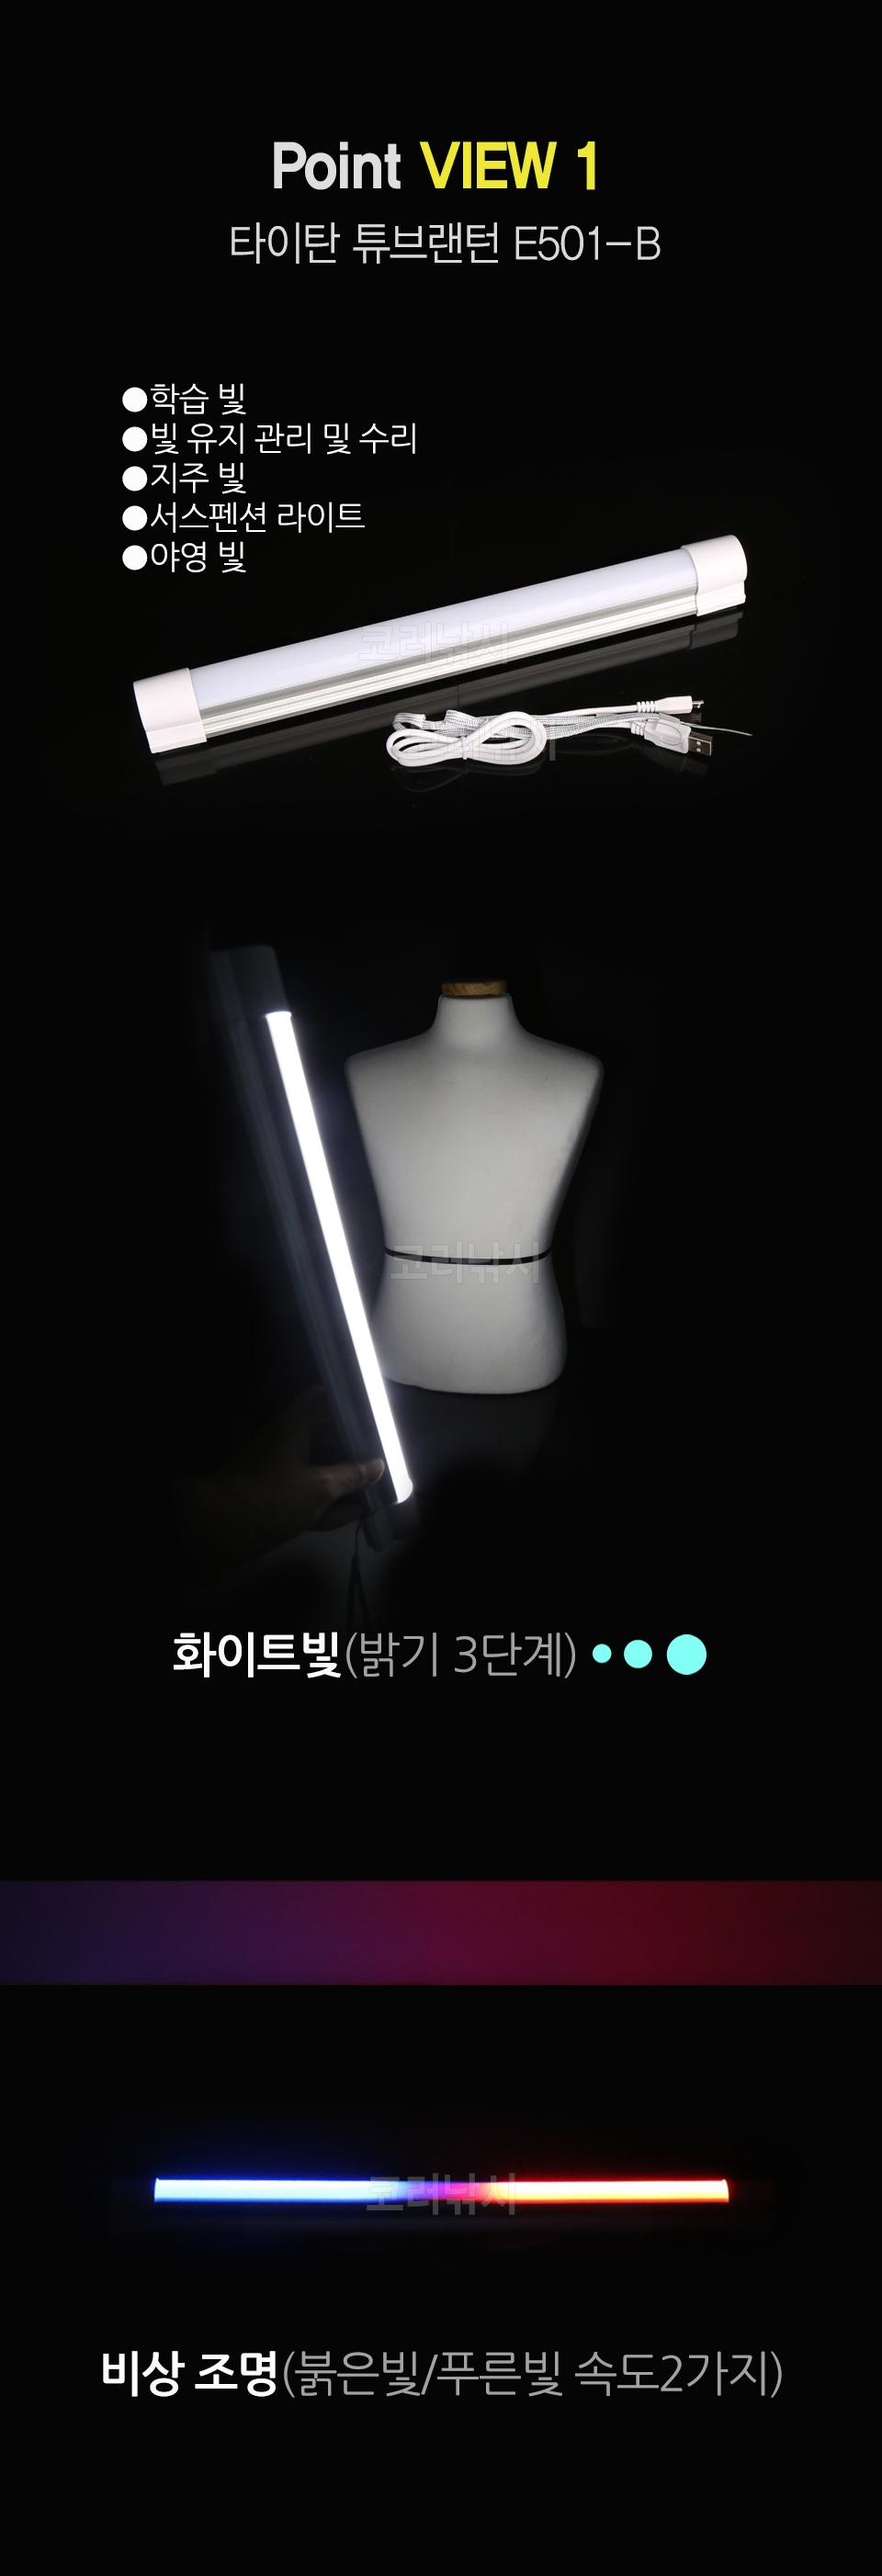 타이탄 튜브랜턴 (E501-B)튜브형랜턴 튜브형렌턴 형광등타입랜턴 자석 마그네틱 휴대폰충전 경광등